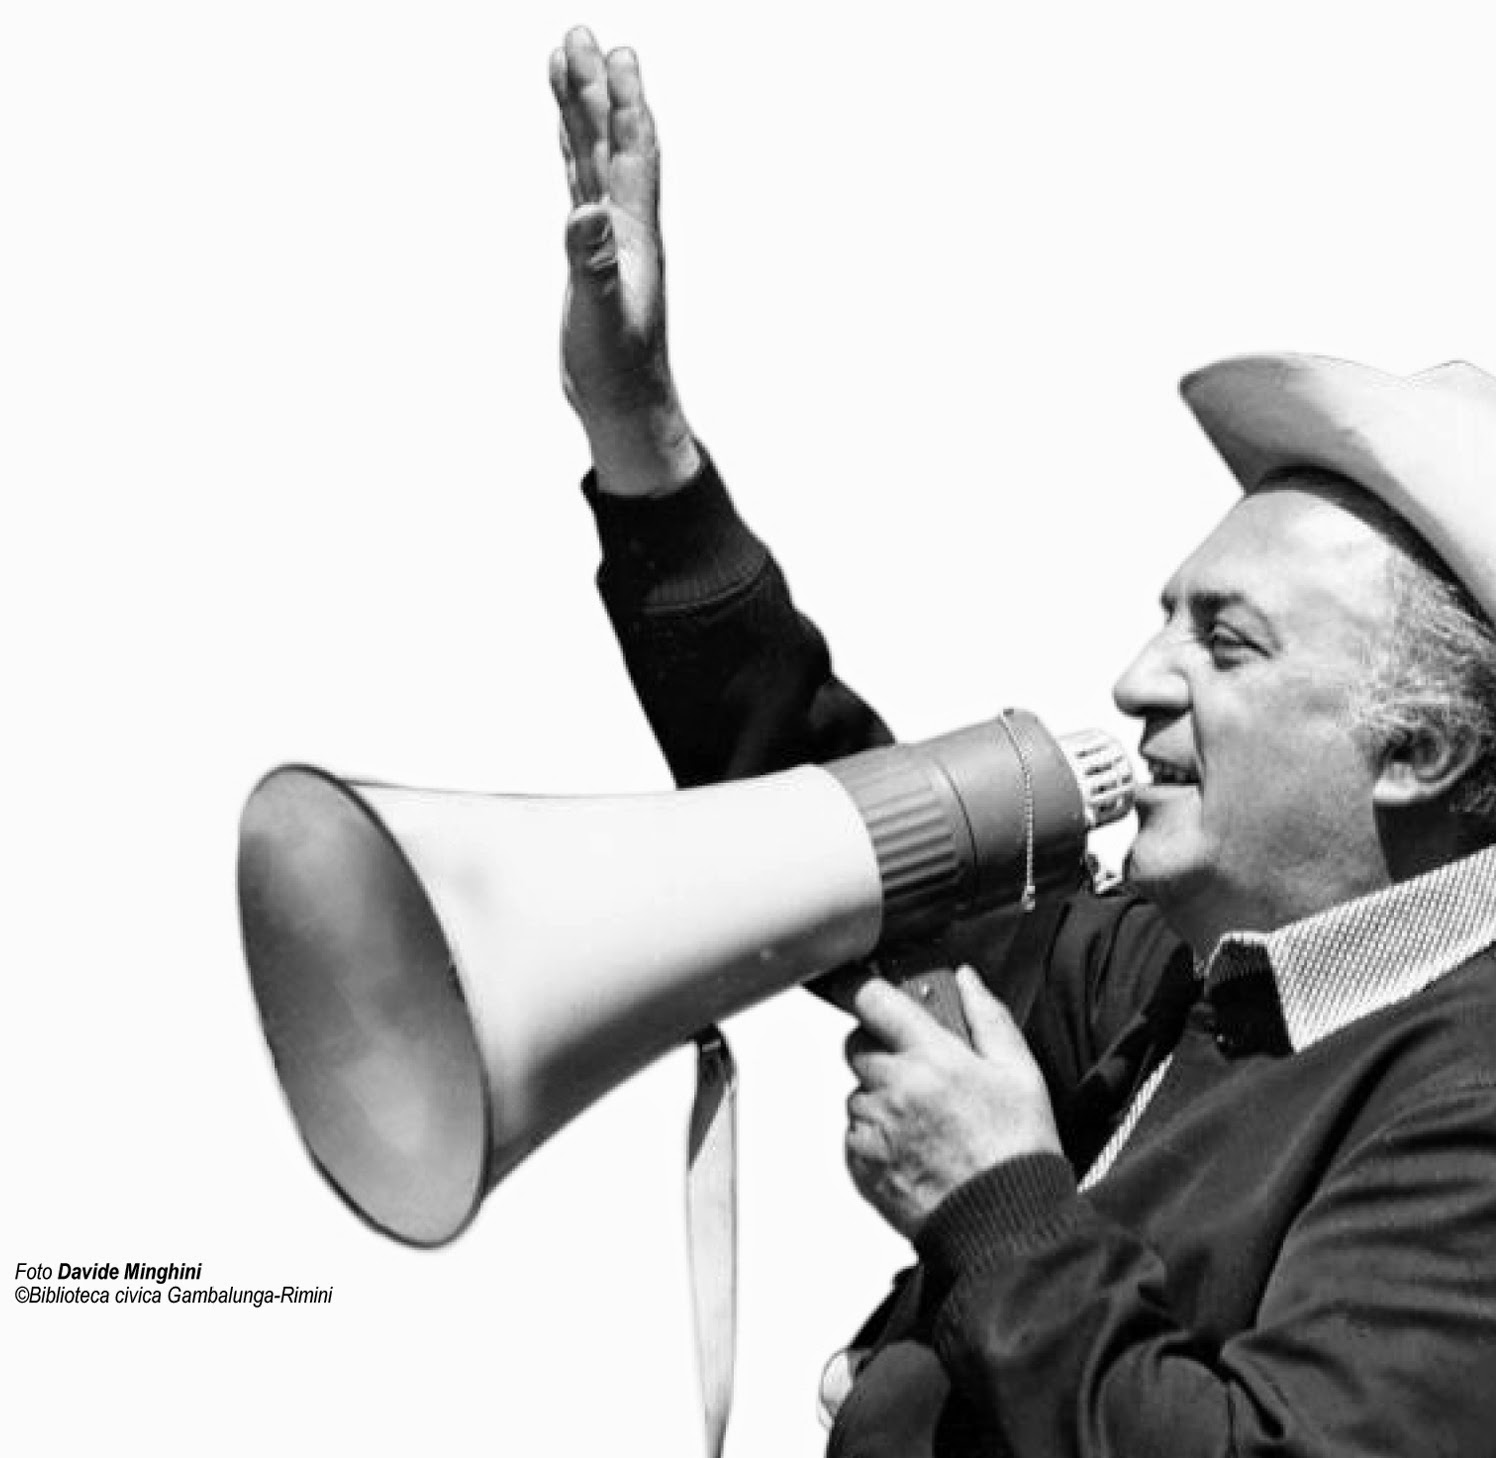 L'AMARCORD di Federico Fellini: LA DOLCE VITA